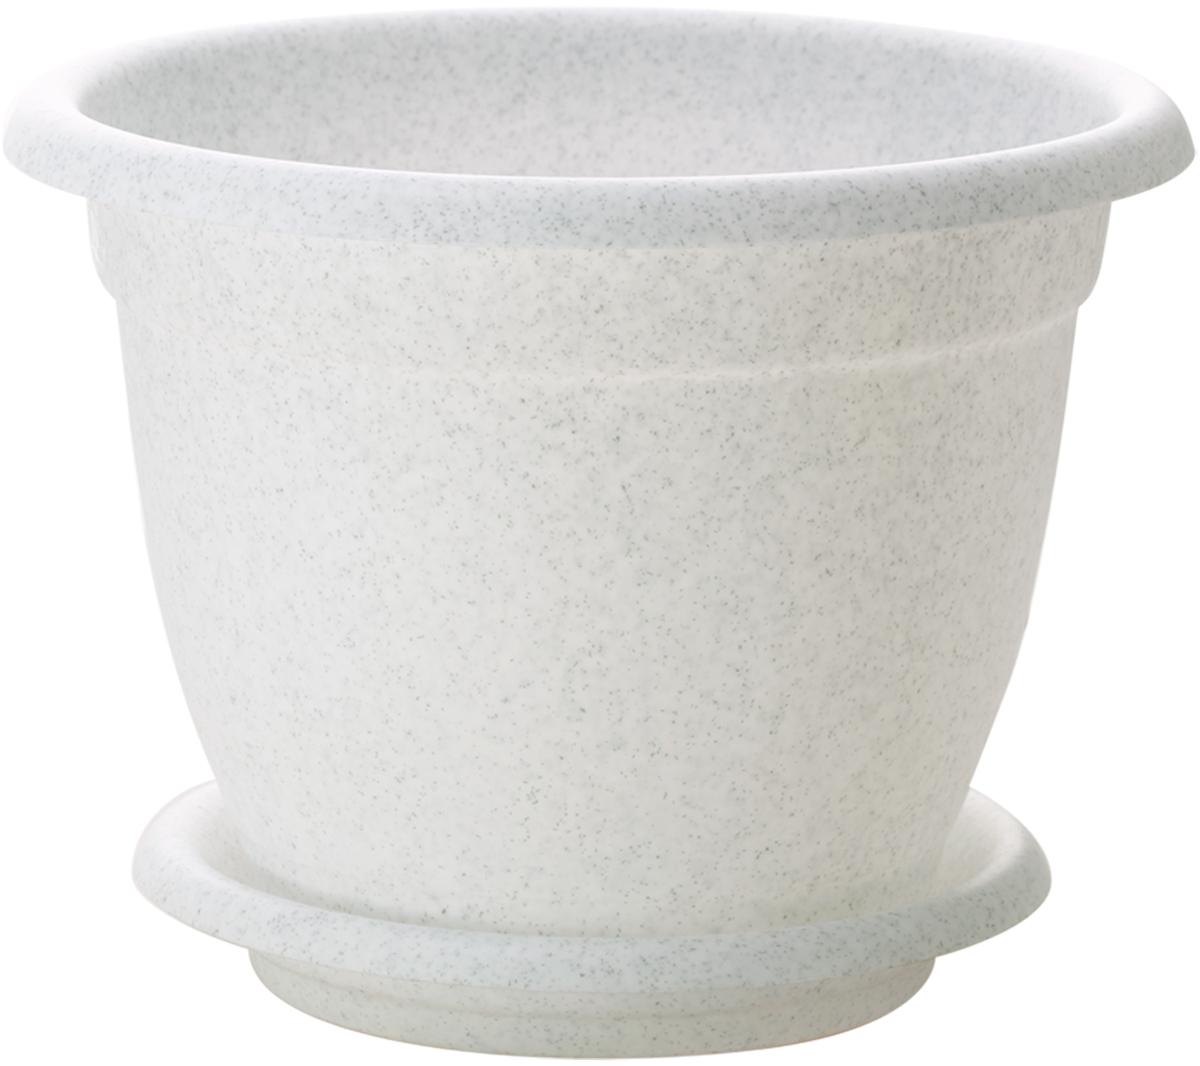 Горшок для цветов InGreen Борнео, с поддоном, цвет: мраморный, диаметр 29 смING42029FМРЦветочный горшок с поддоном InGreen Борнео, выполненный из высококачественного пластика, сочетает в себе классический дизайн и функциональность. Он станет прекрасным дополнением любого интерьера. Горшок имеет дренажные отверстия, что способствует выведению лишней влаги из почвы и предотвращает гниение корневой системы растения. Благодаря специальной крепежной системе поддон прочно крепится к горшку, что обеспечивает удобство эксплуатации изделия. Между стенкой горшка и поддоном есть зазор, который позволяет испаряться лишней влаге и дает возможность прикорневого полива растения. Горшок InGreen Борнео предназначен для выращивания многолетних и однолетних растений.